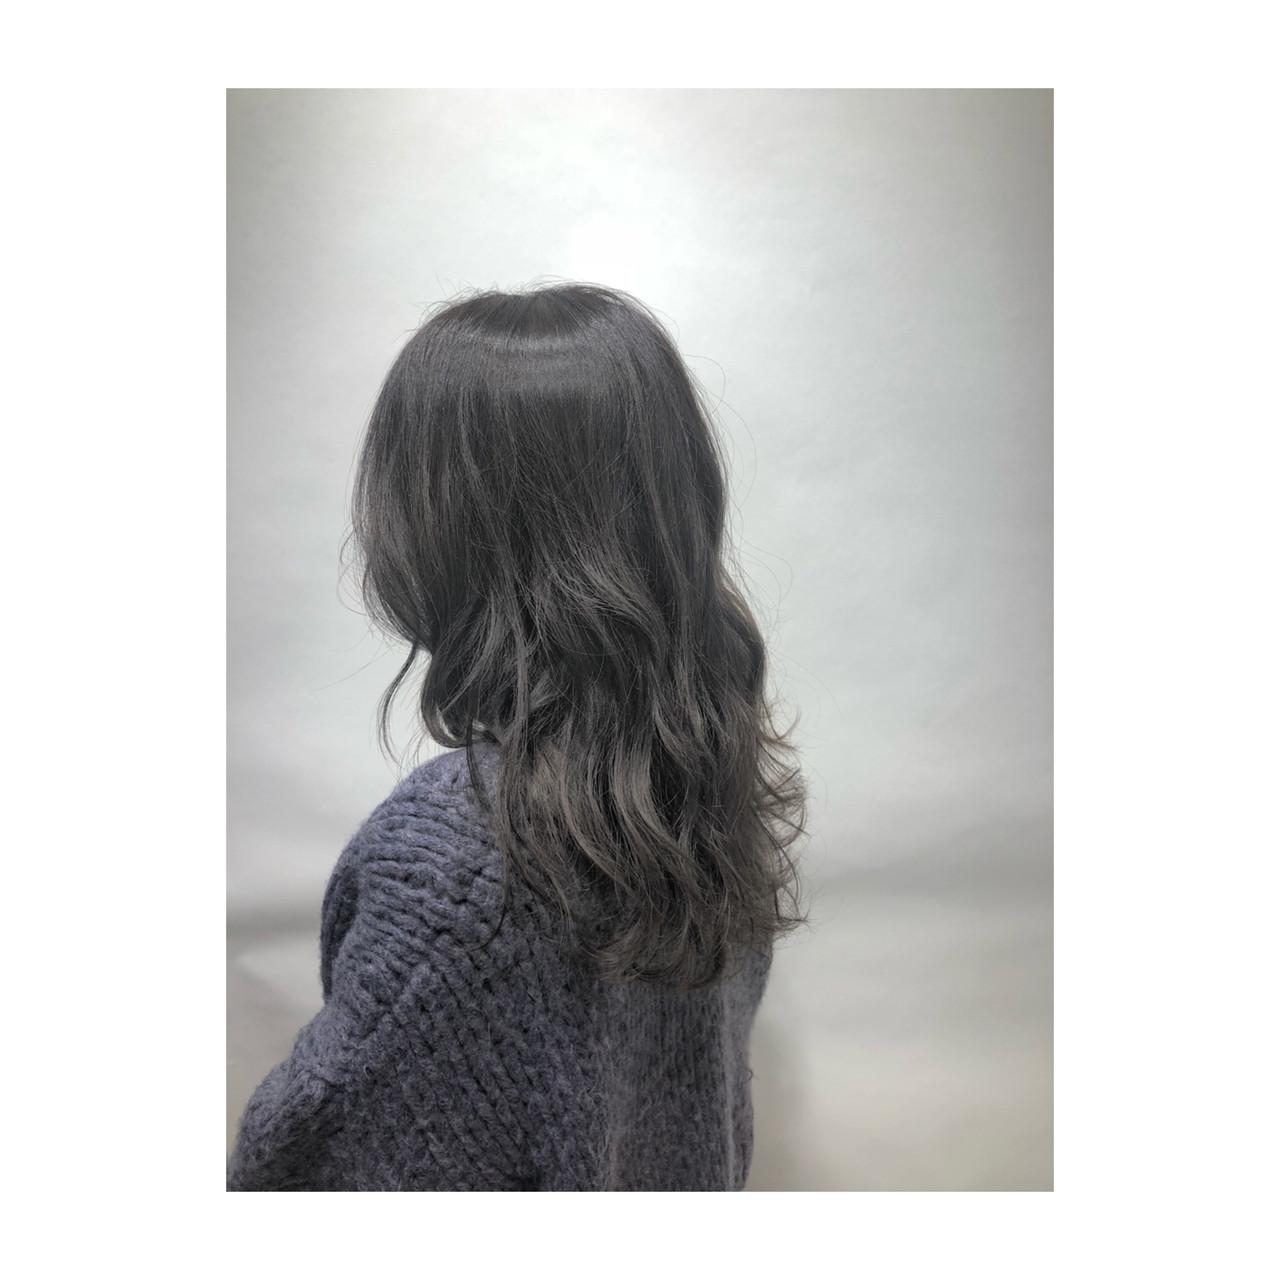 ハイライト 透明感 グレー グレージュ ヘアスタイルや髪型の写真・画像 | 武石凌兵 / EARTH荻窪店